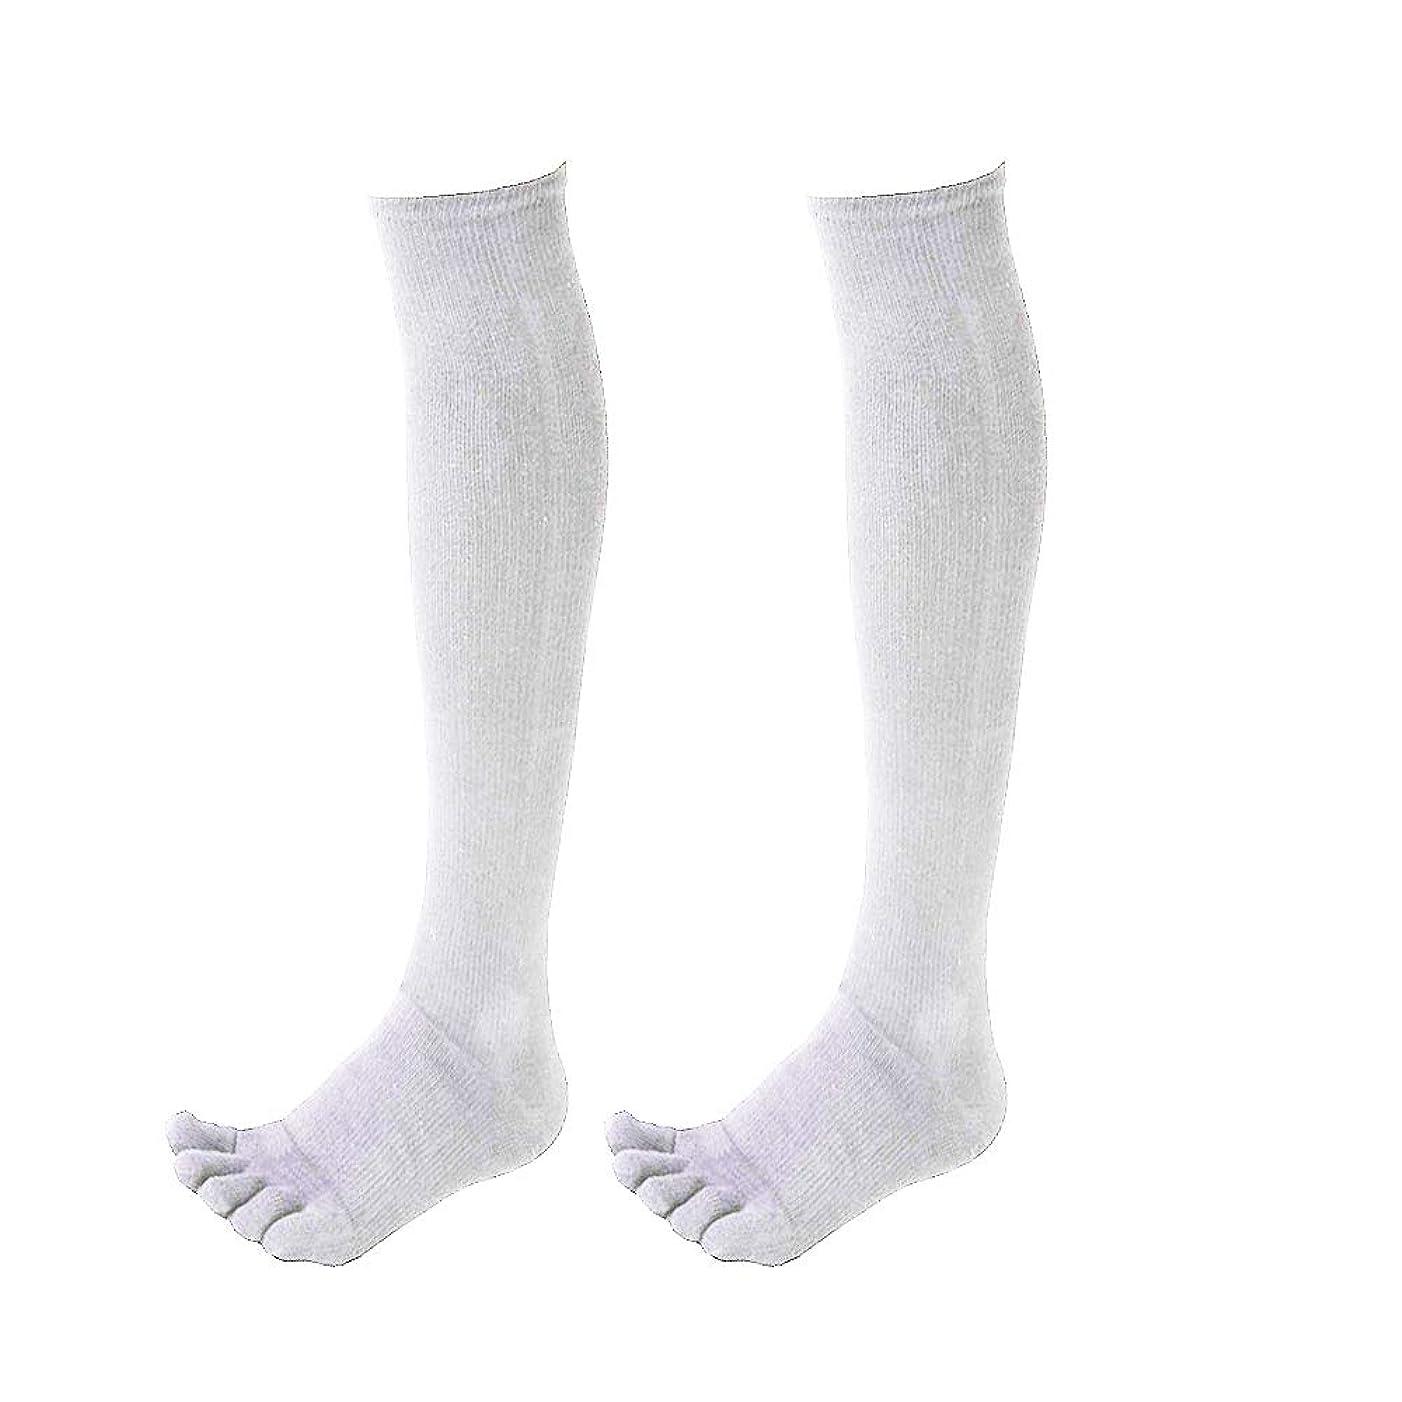 夜間神の軍隊【2足組】5本指 野球 カラーソックス ストッキング 靴下 ブラック ネイビー レッド ホワイト